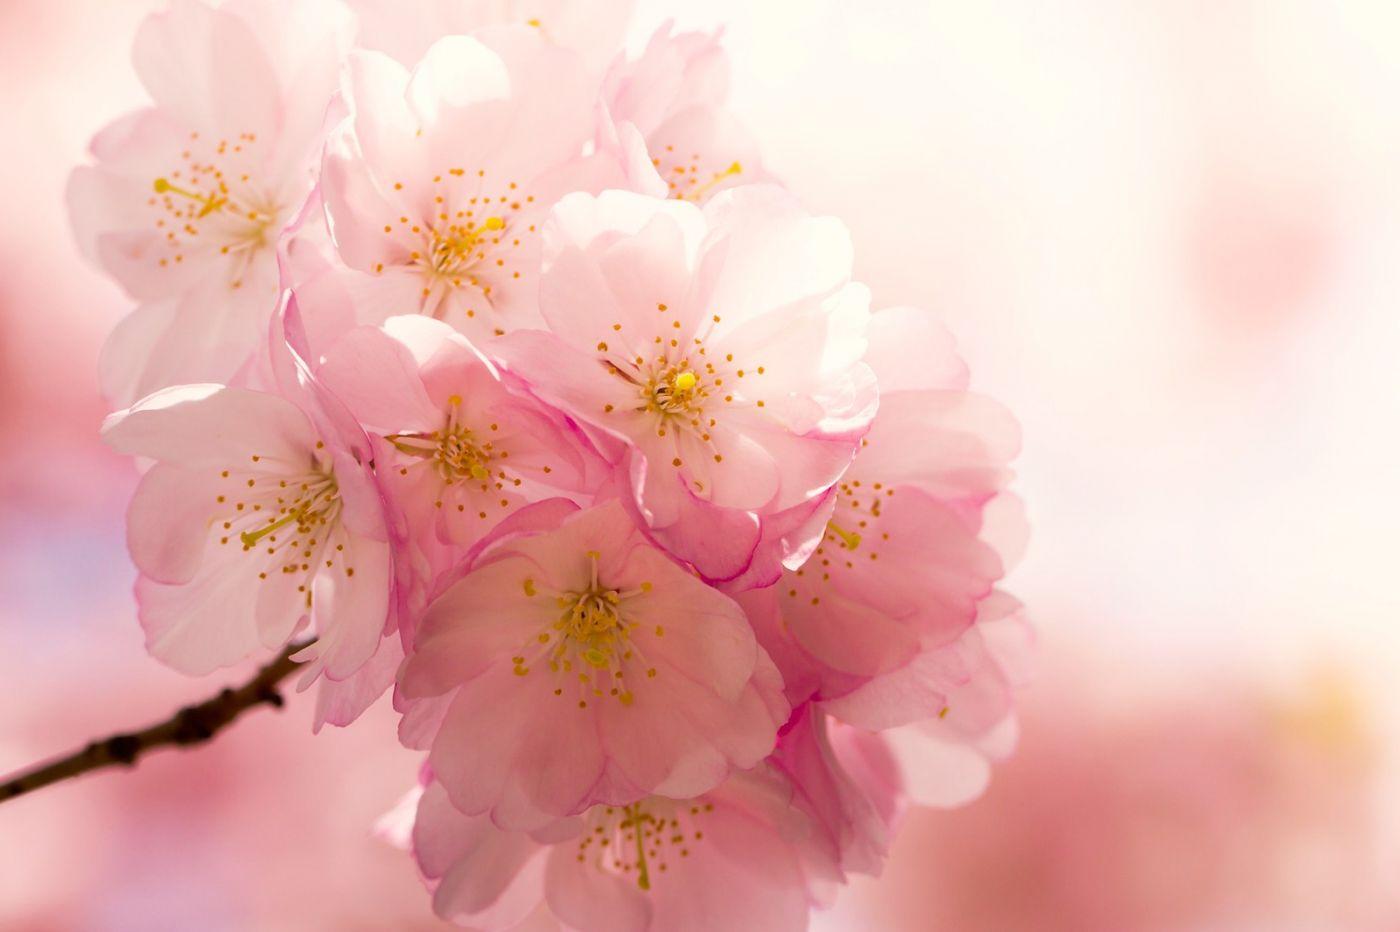 粉红的水嫩的,好看极了_图1-39